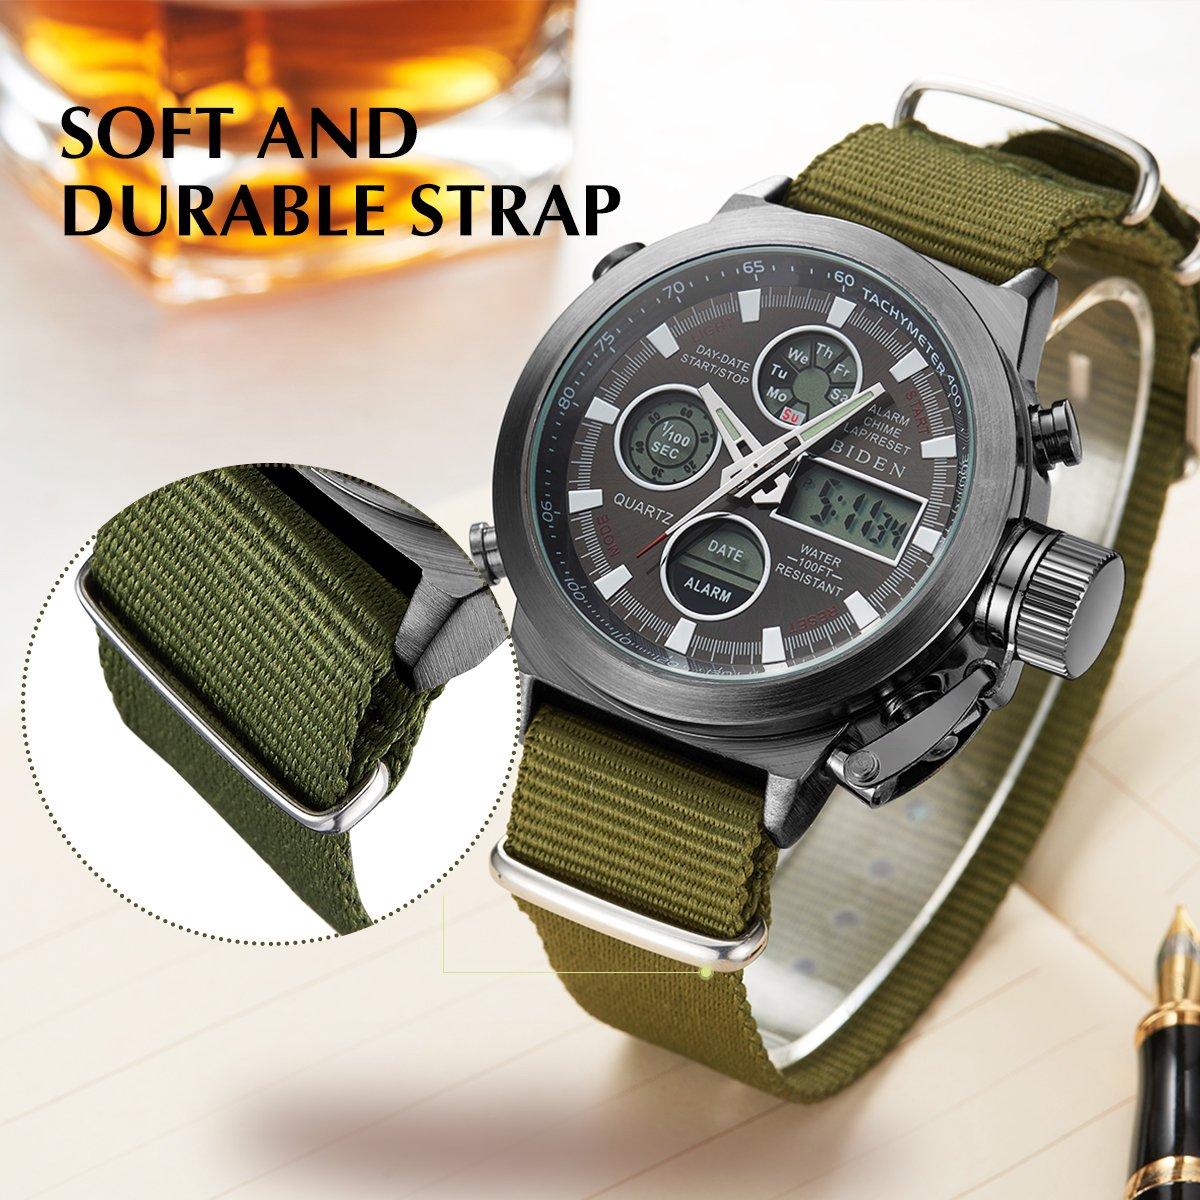 BIDEN Watch, Watch Men Digital Analog Sport Waterproof Watch,Multifunction LED Date Alarm Leather Wrist Watch (GreenBlack) by BIDEN (Image #5)